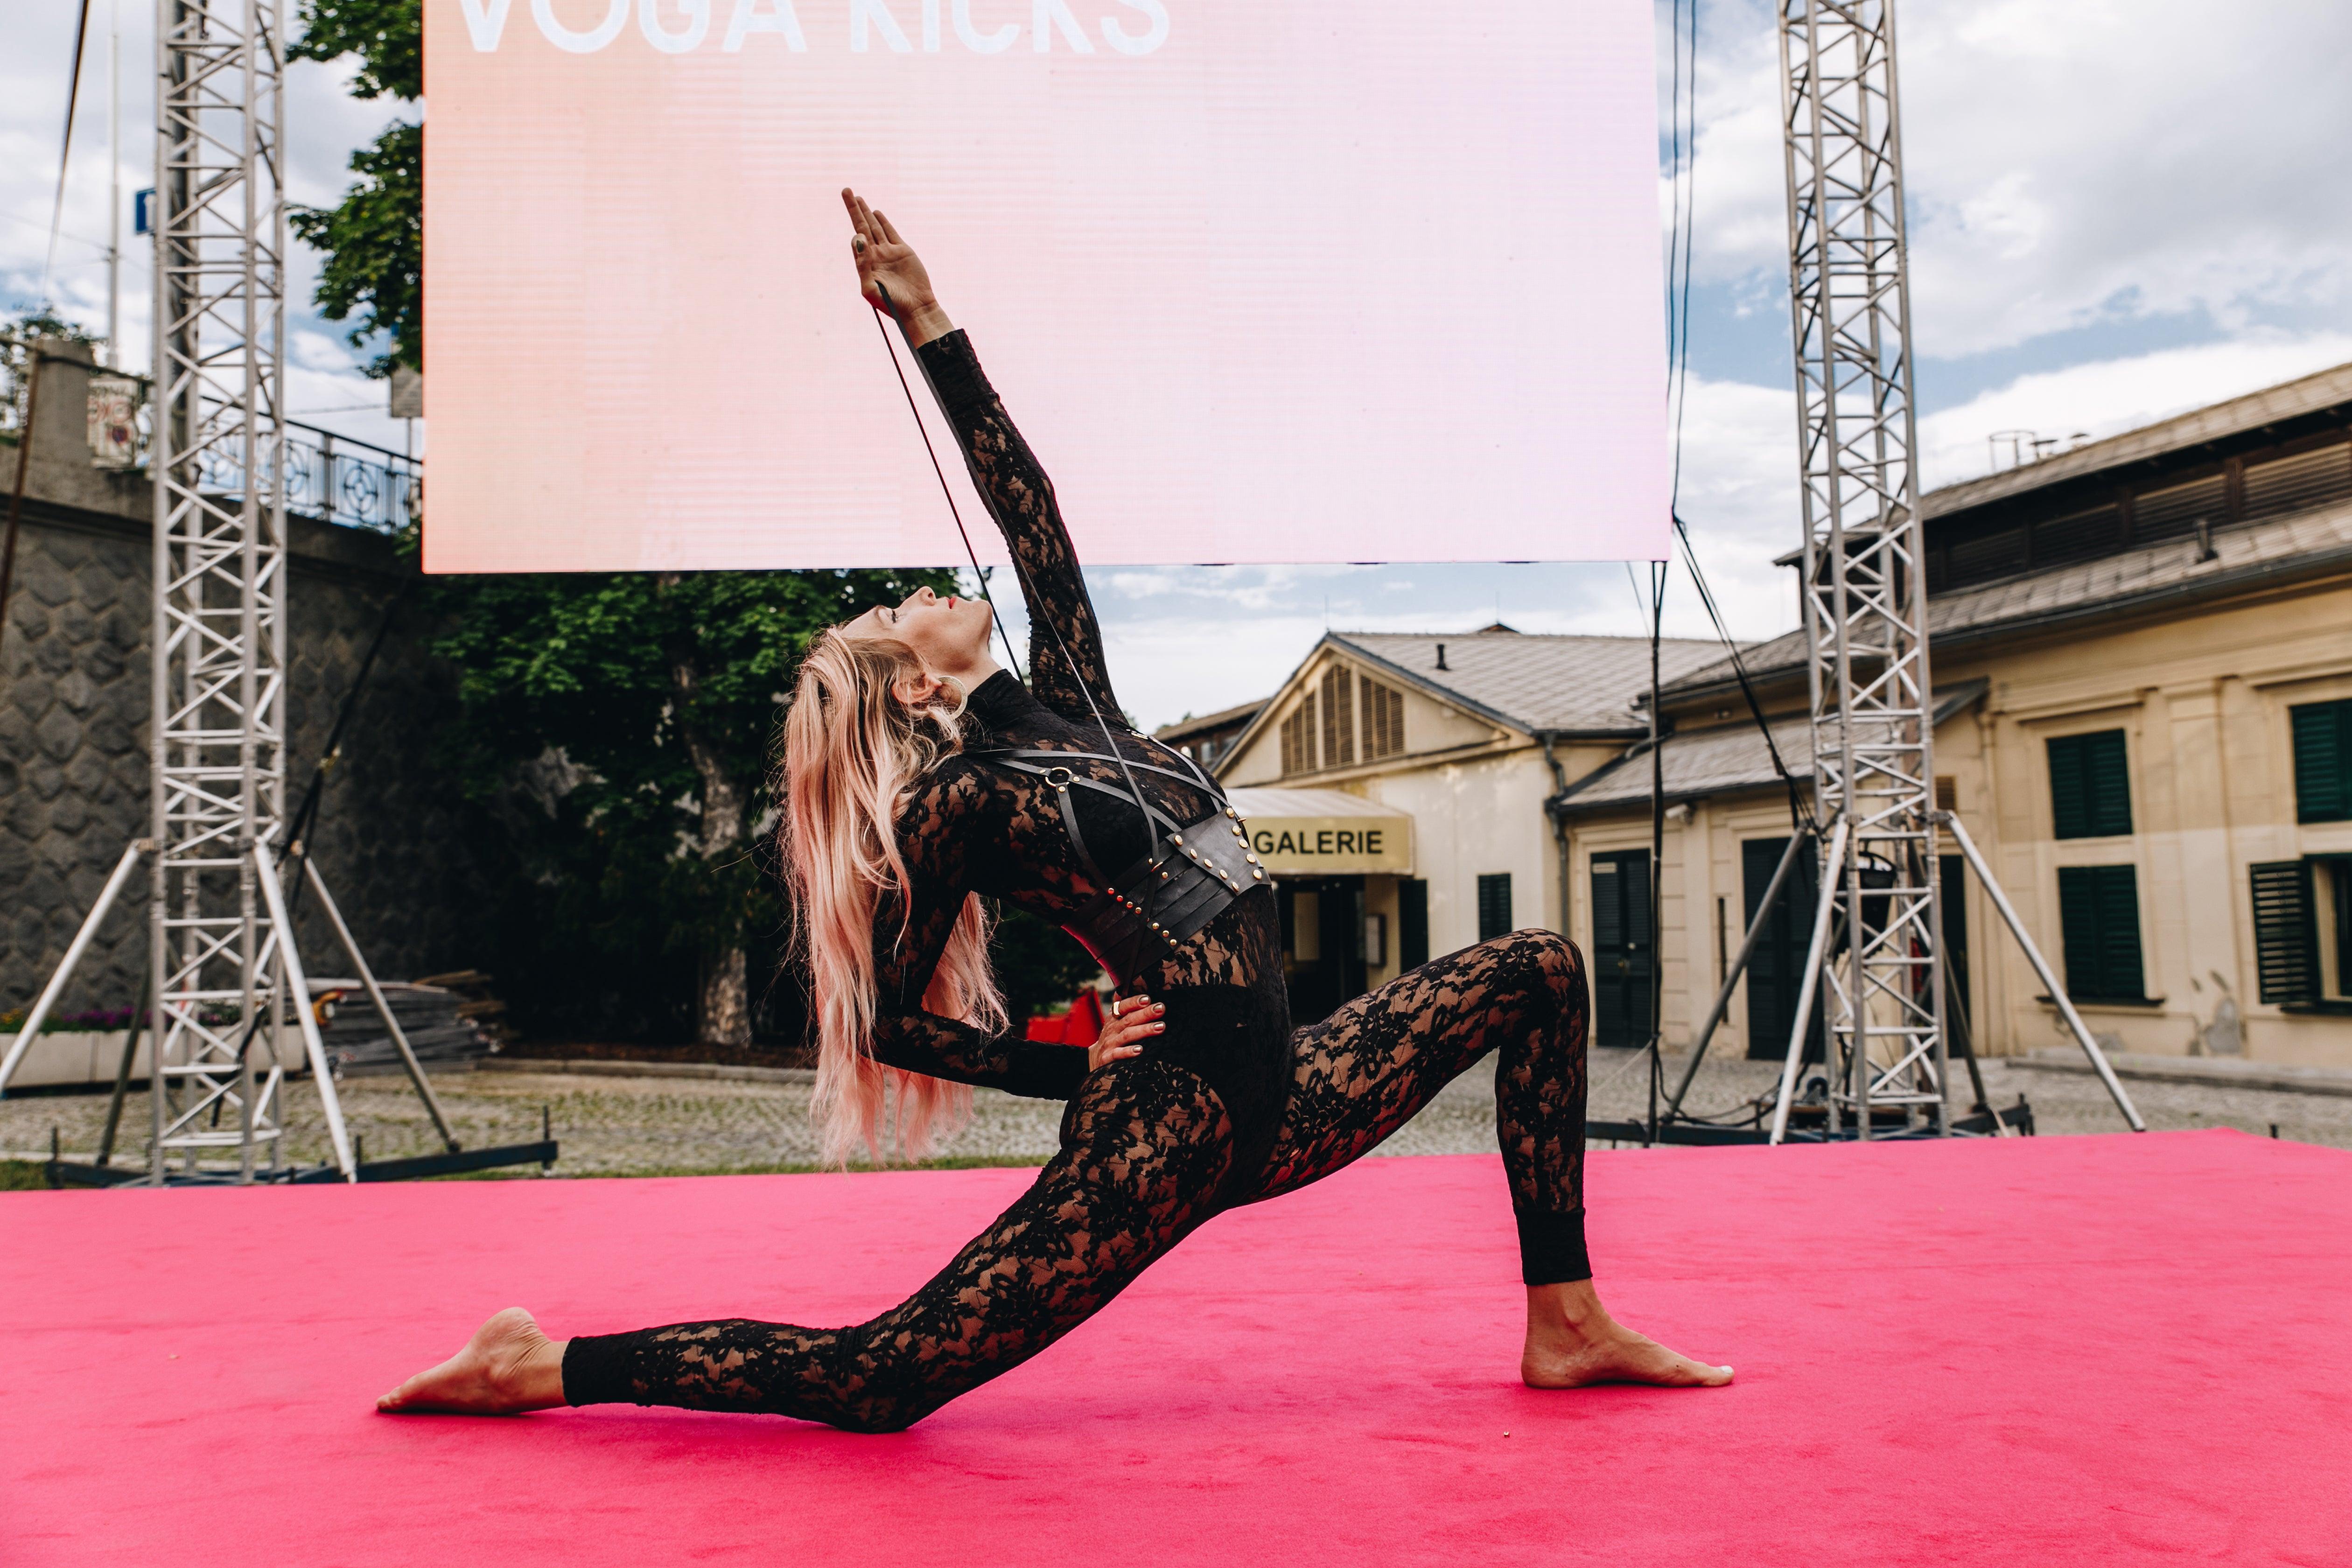 Juliet Murrell a její workout fitness opasek ke cvičení vogy, Občanská plovárna, červen 2019 Autor: Ivan Kašša